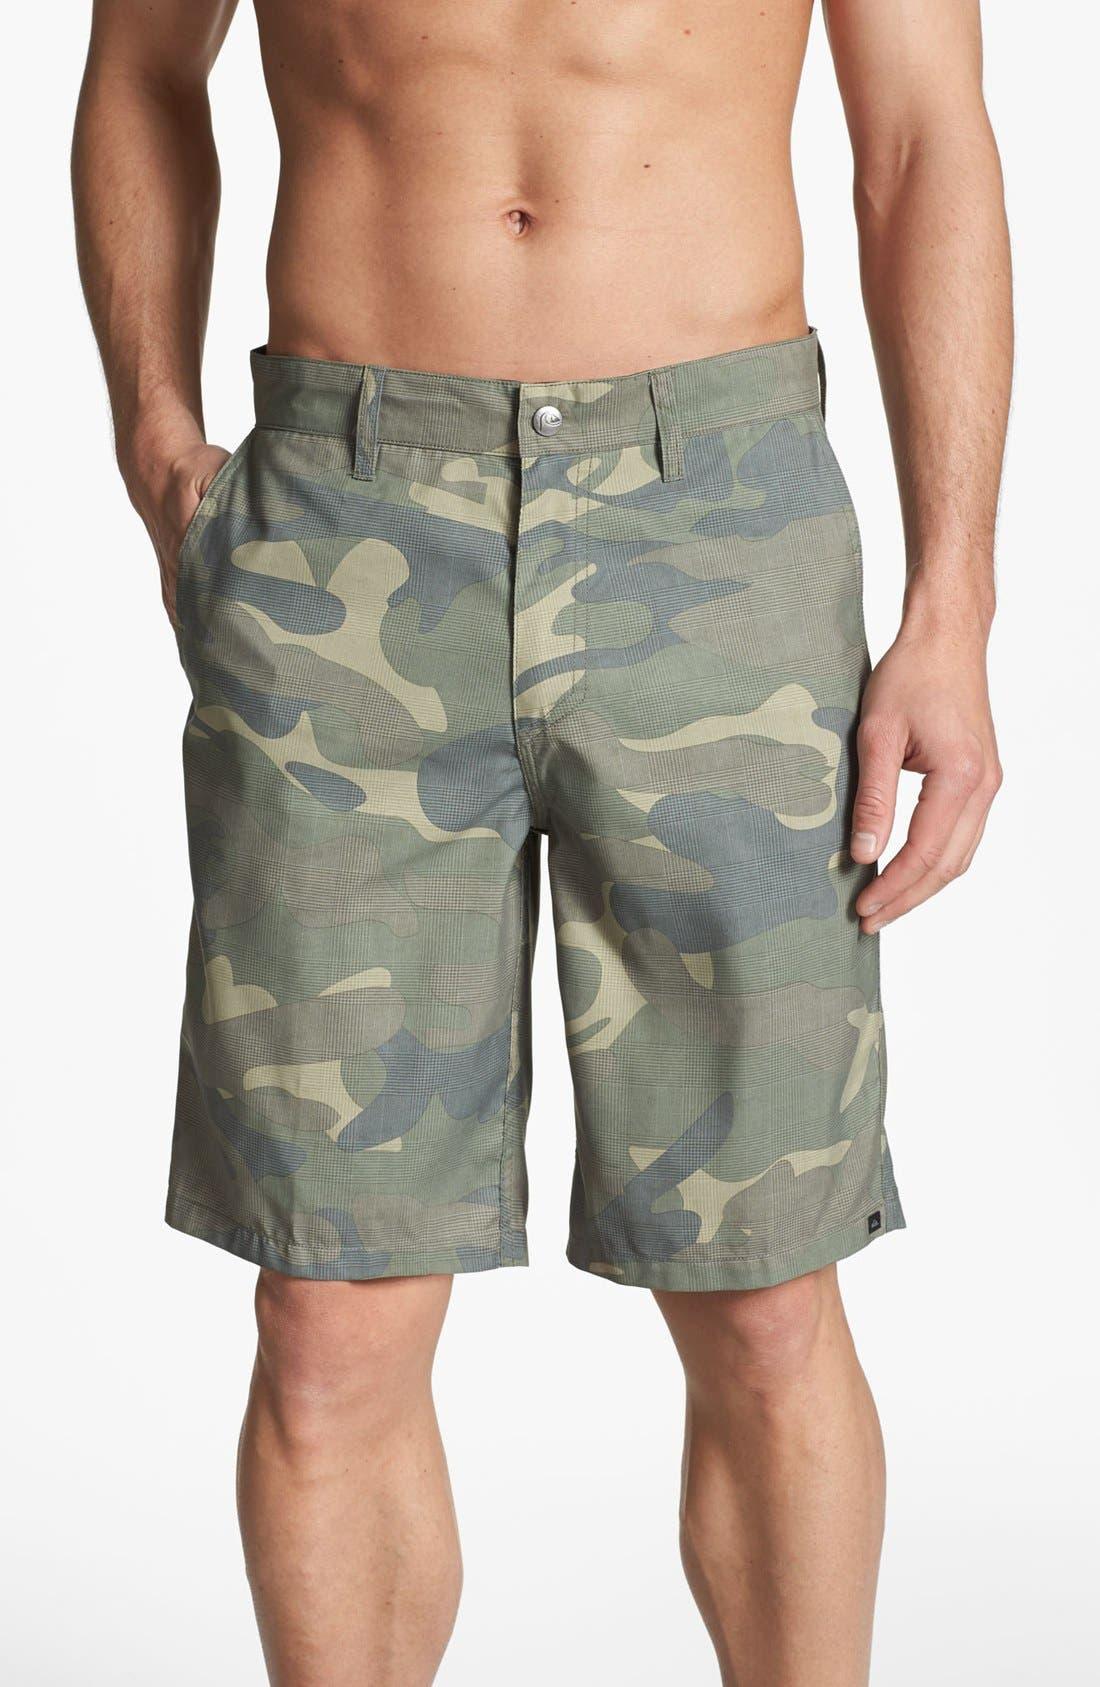 Alternate Image 1 Selected - Quiksilver 'Duckbill' Hybrid Shorts